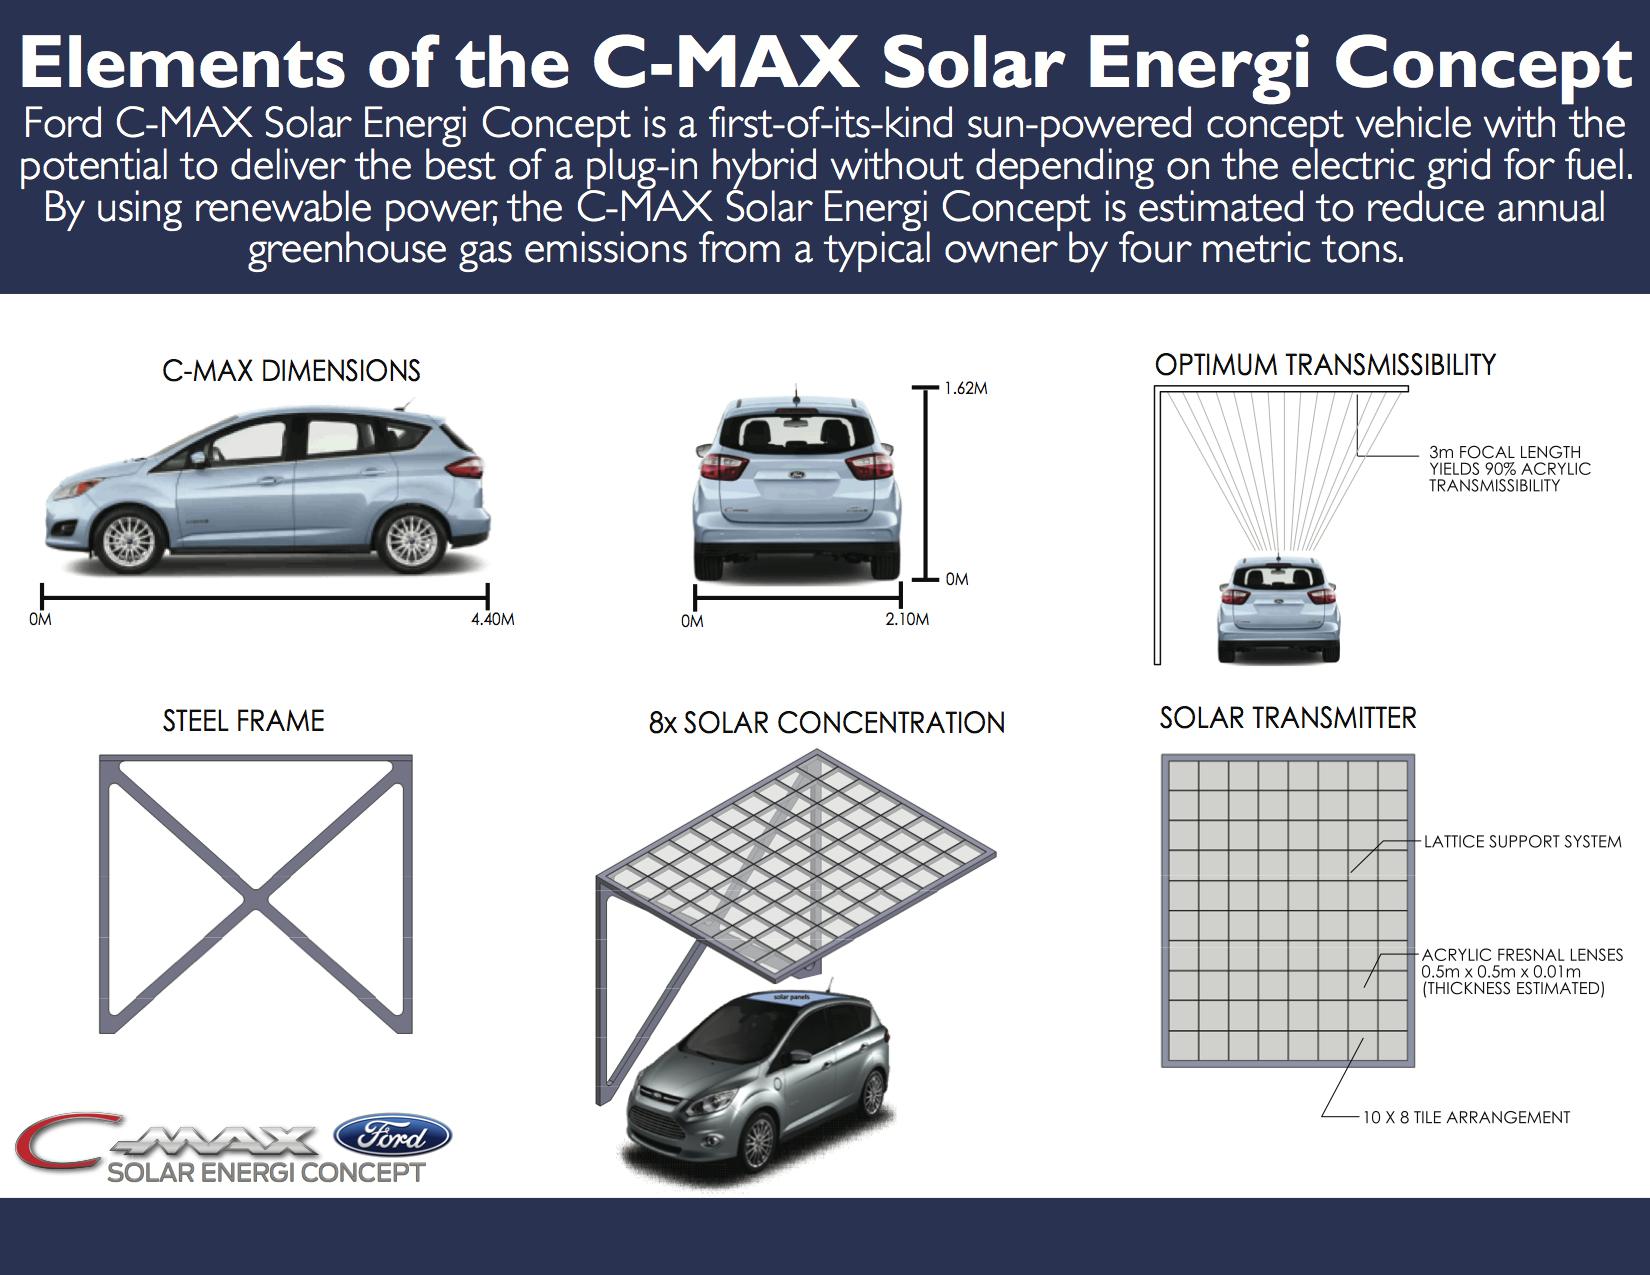 tras la movilidad el ctrica llega la movilidad solar ford. Black Bedroom Furniture Sets. Home Design Ideas